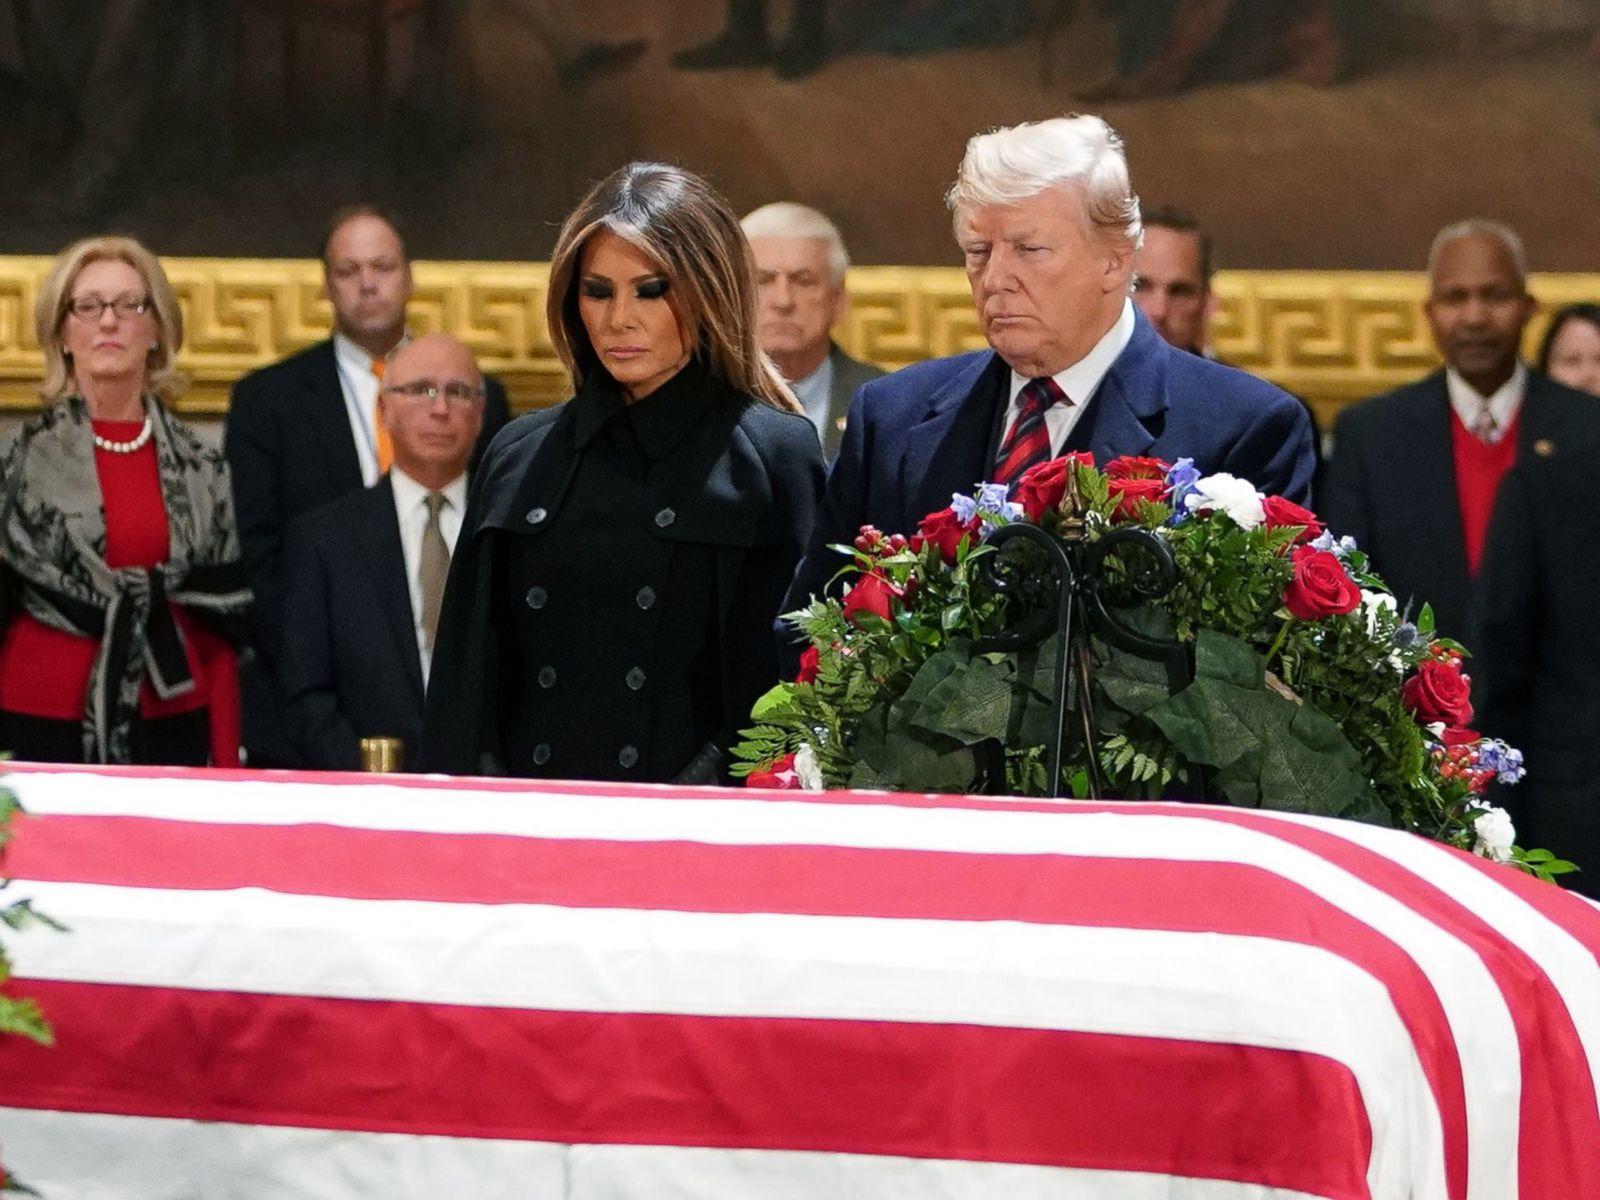 Imagini pentru Donald Trump Capitol Bush photos